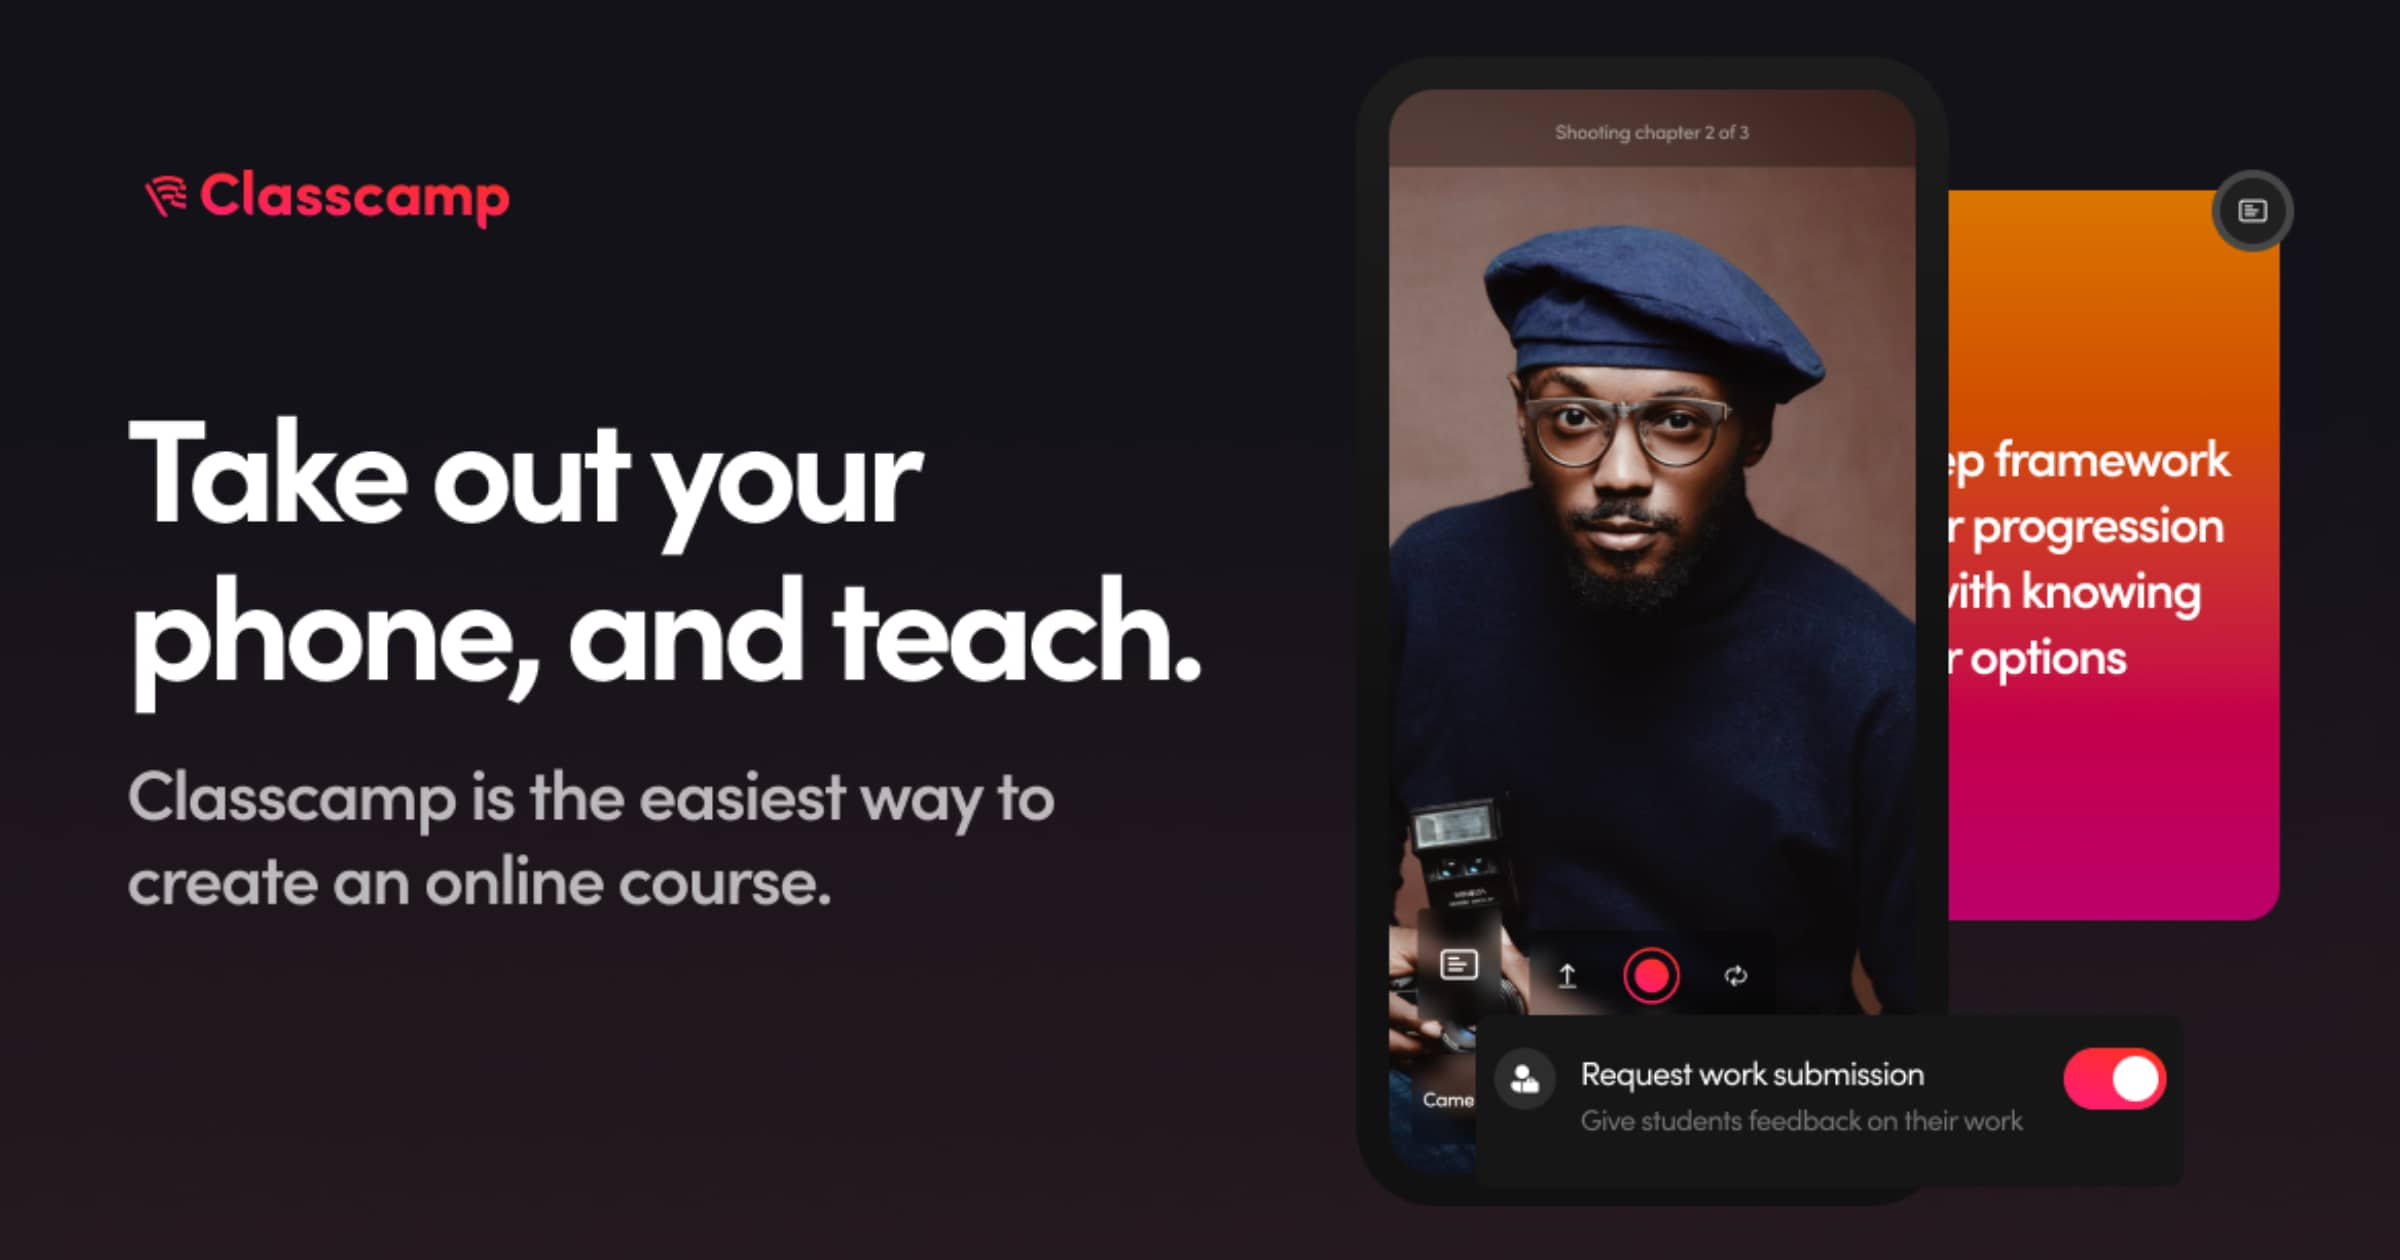 Classcamp